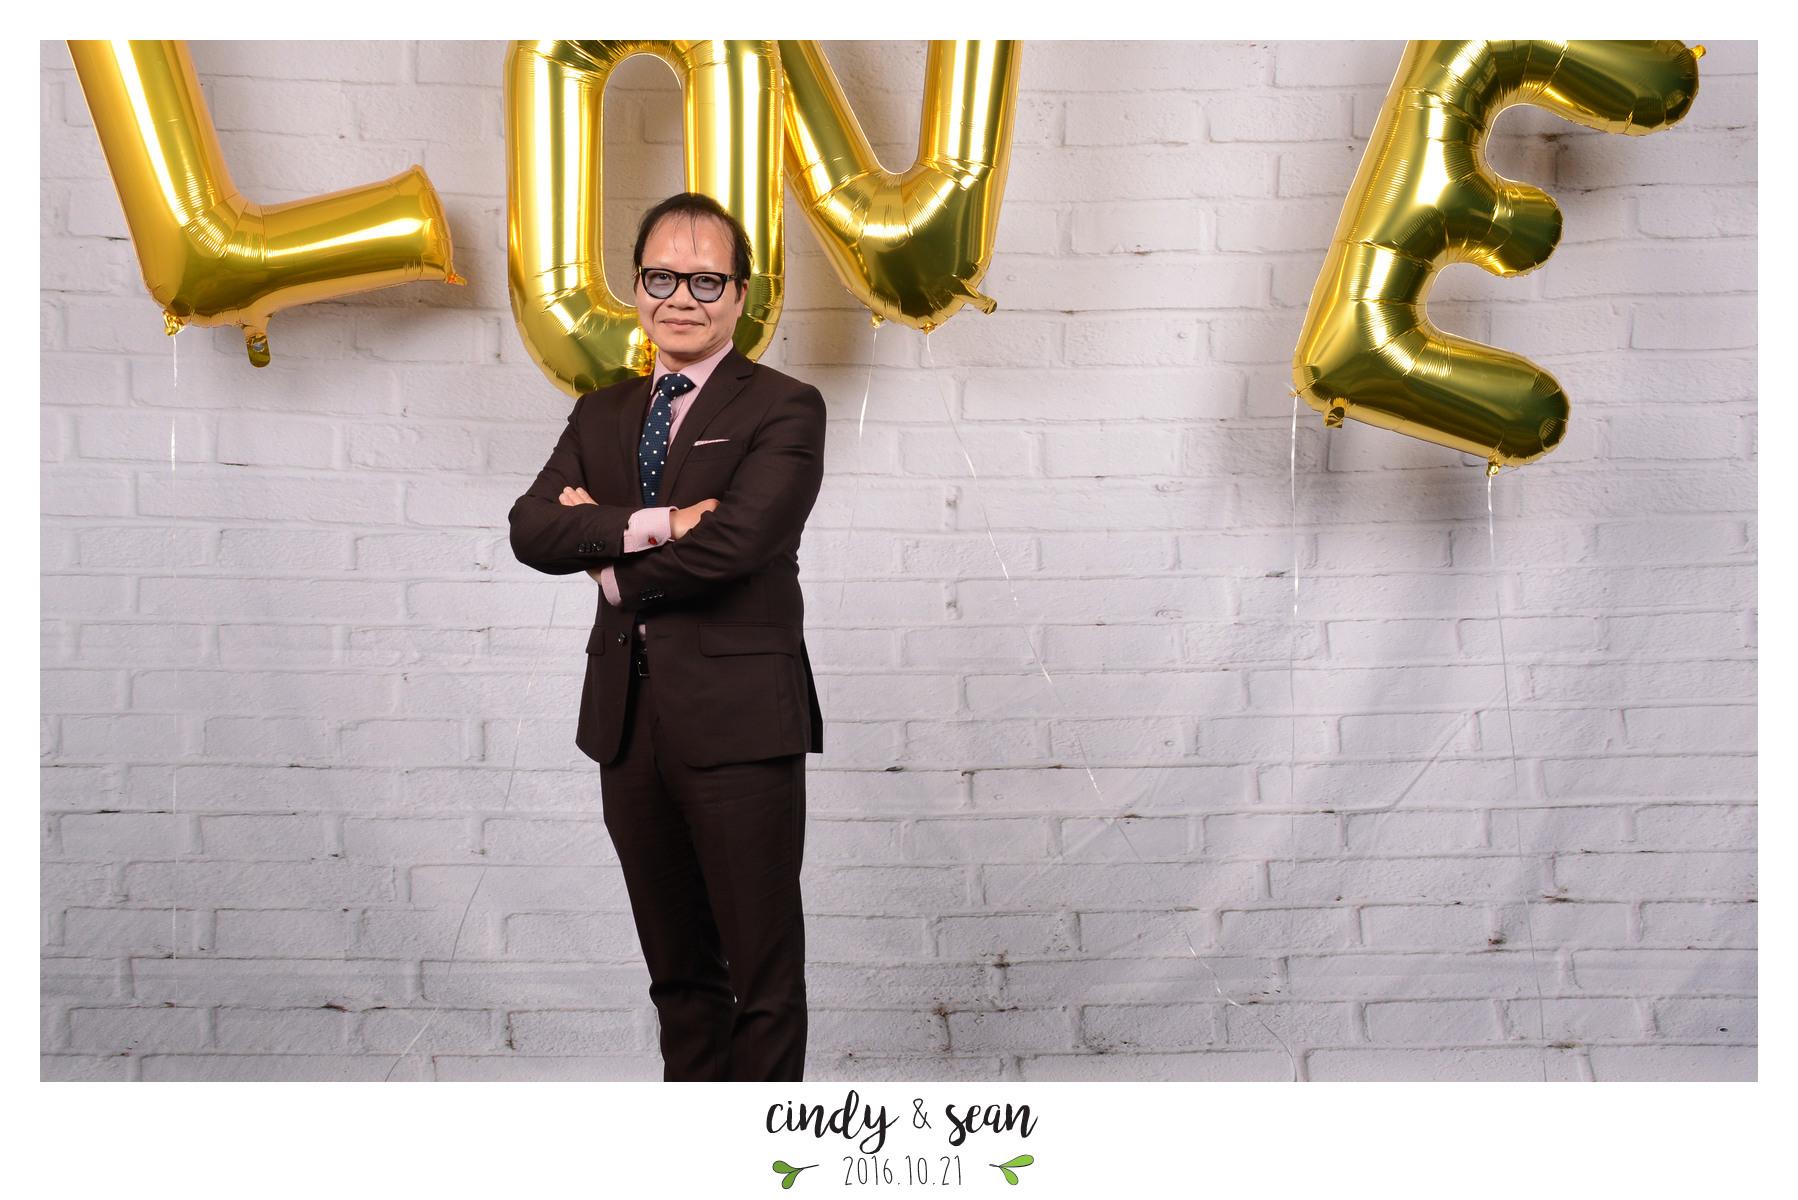 Cindy Sean Bae - 0001-69.jpg